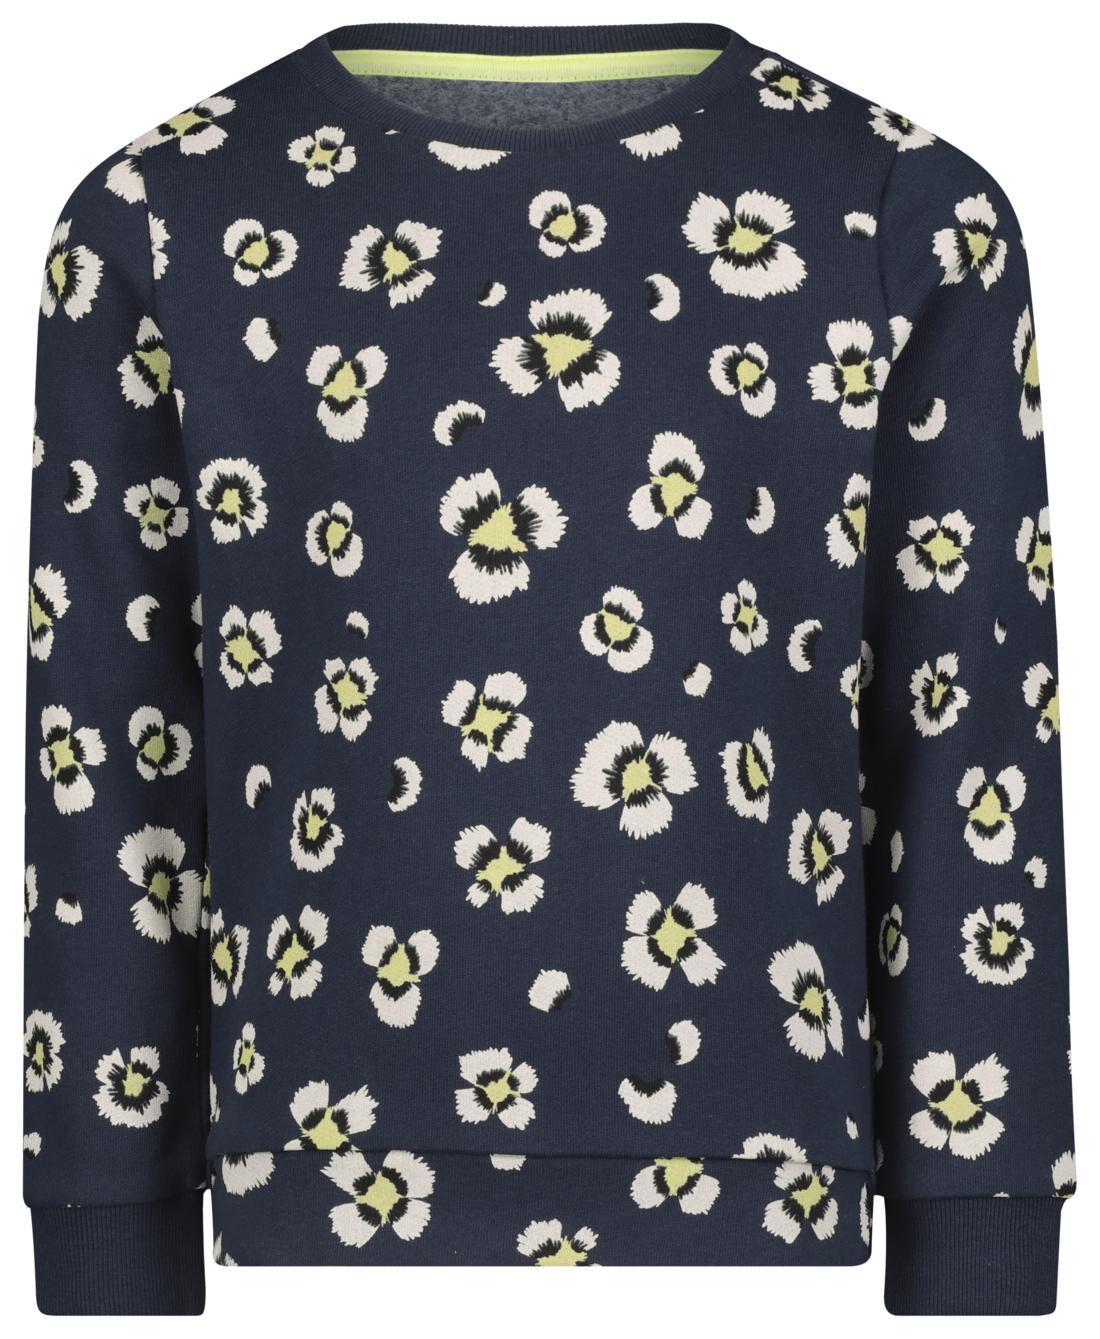 HEMA Kindersweater Donkerblauw (donkerblauw)